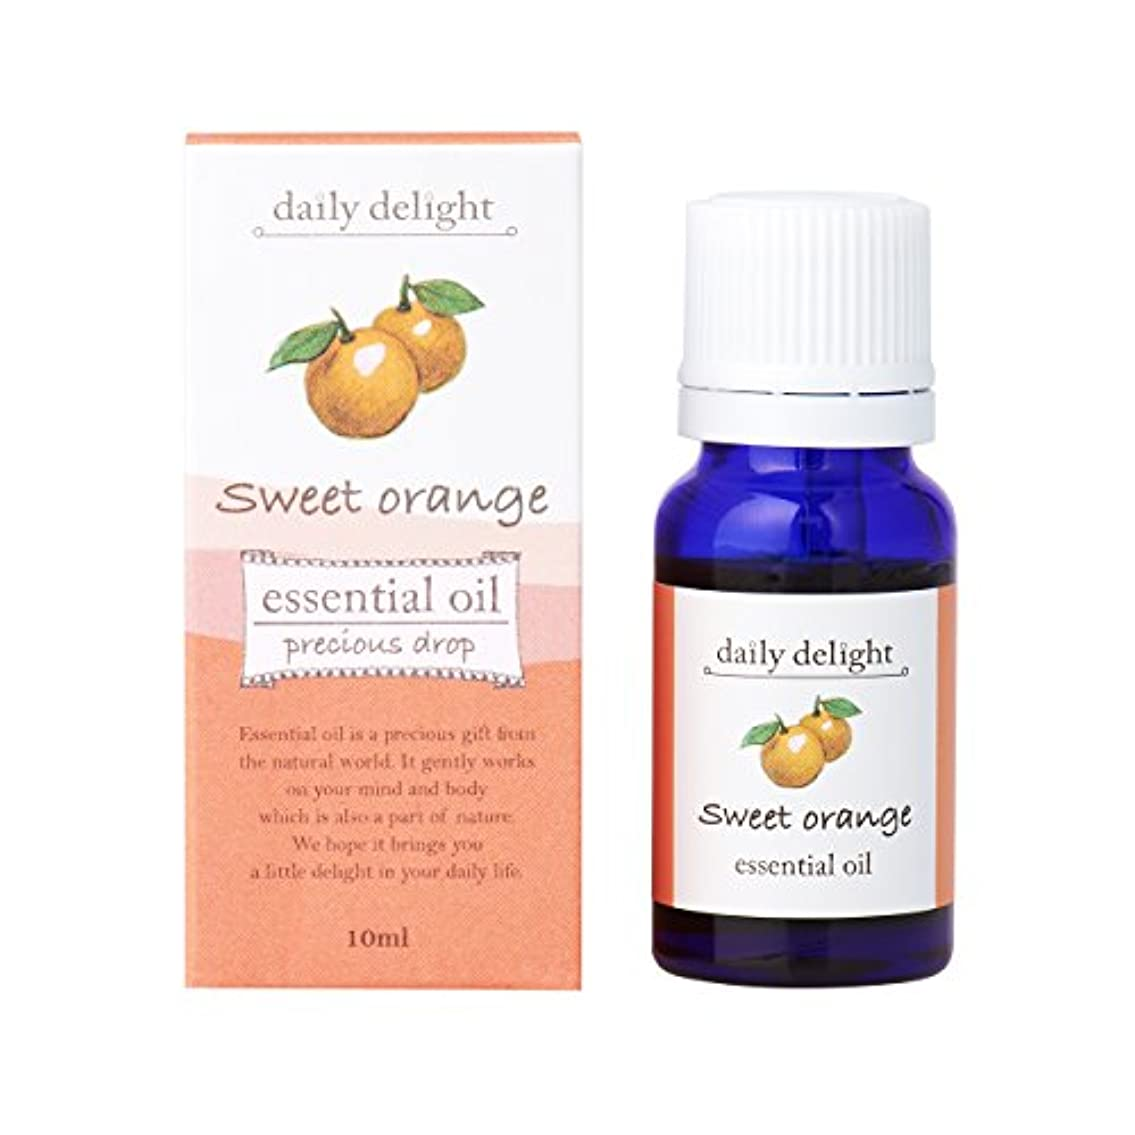 デジタル熟達革新デイリーディライト エッセンシャルオイル  スイートオレンジ 10ml(天然100% 精油 アロマ 柑橘系 フルーティで甘く爽やかな香り)